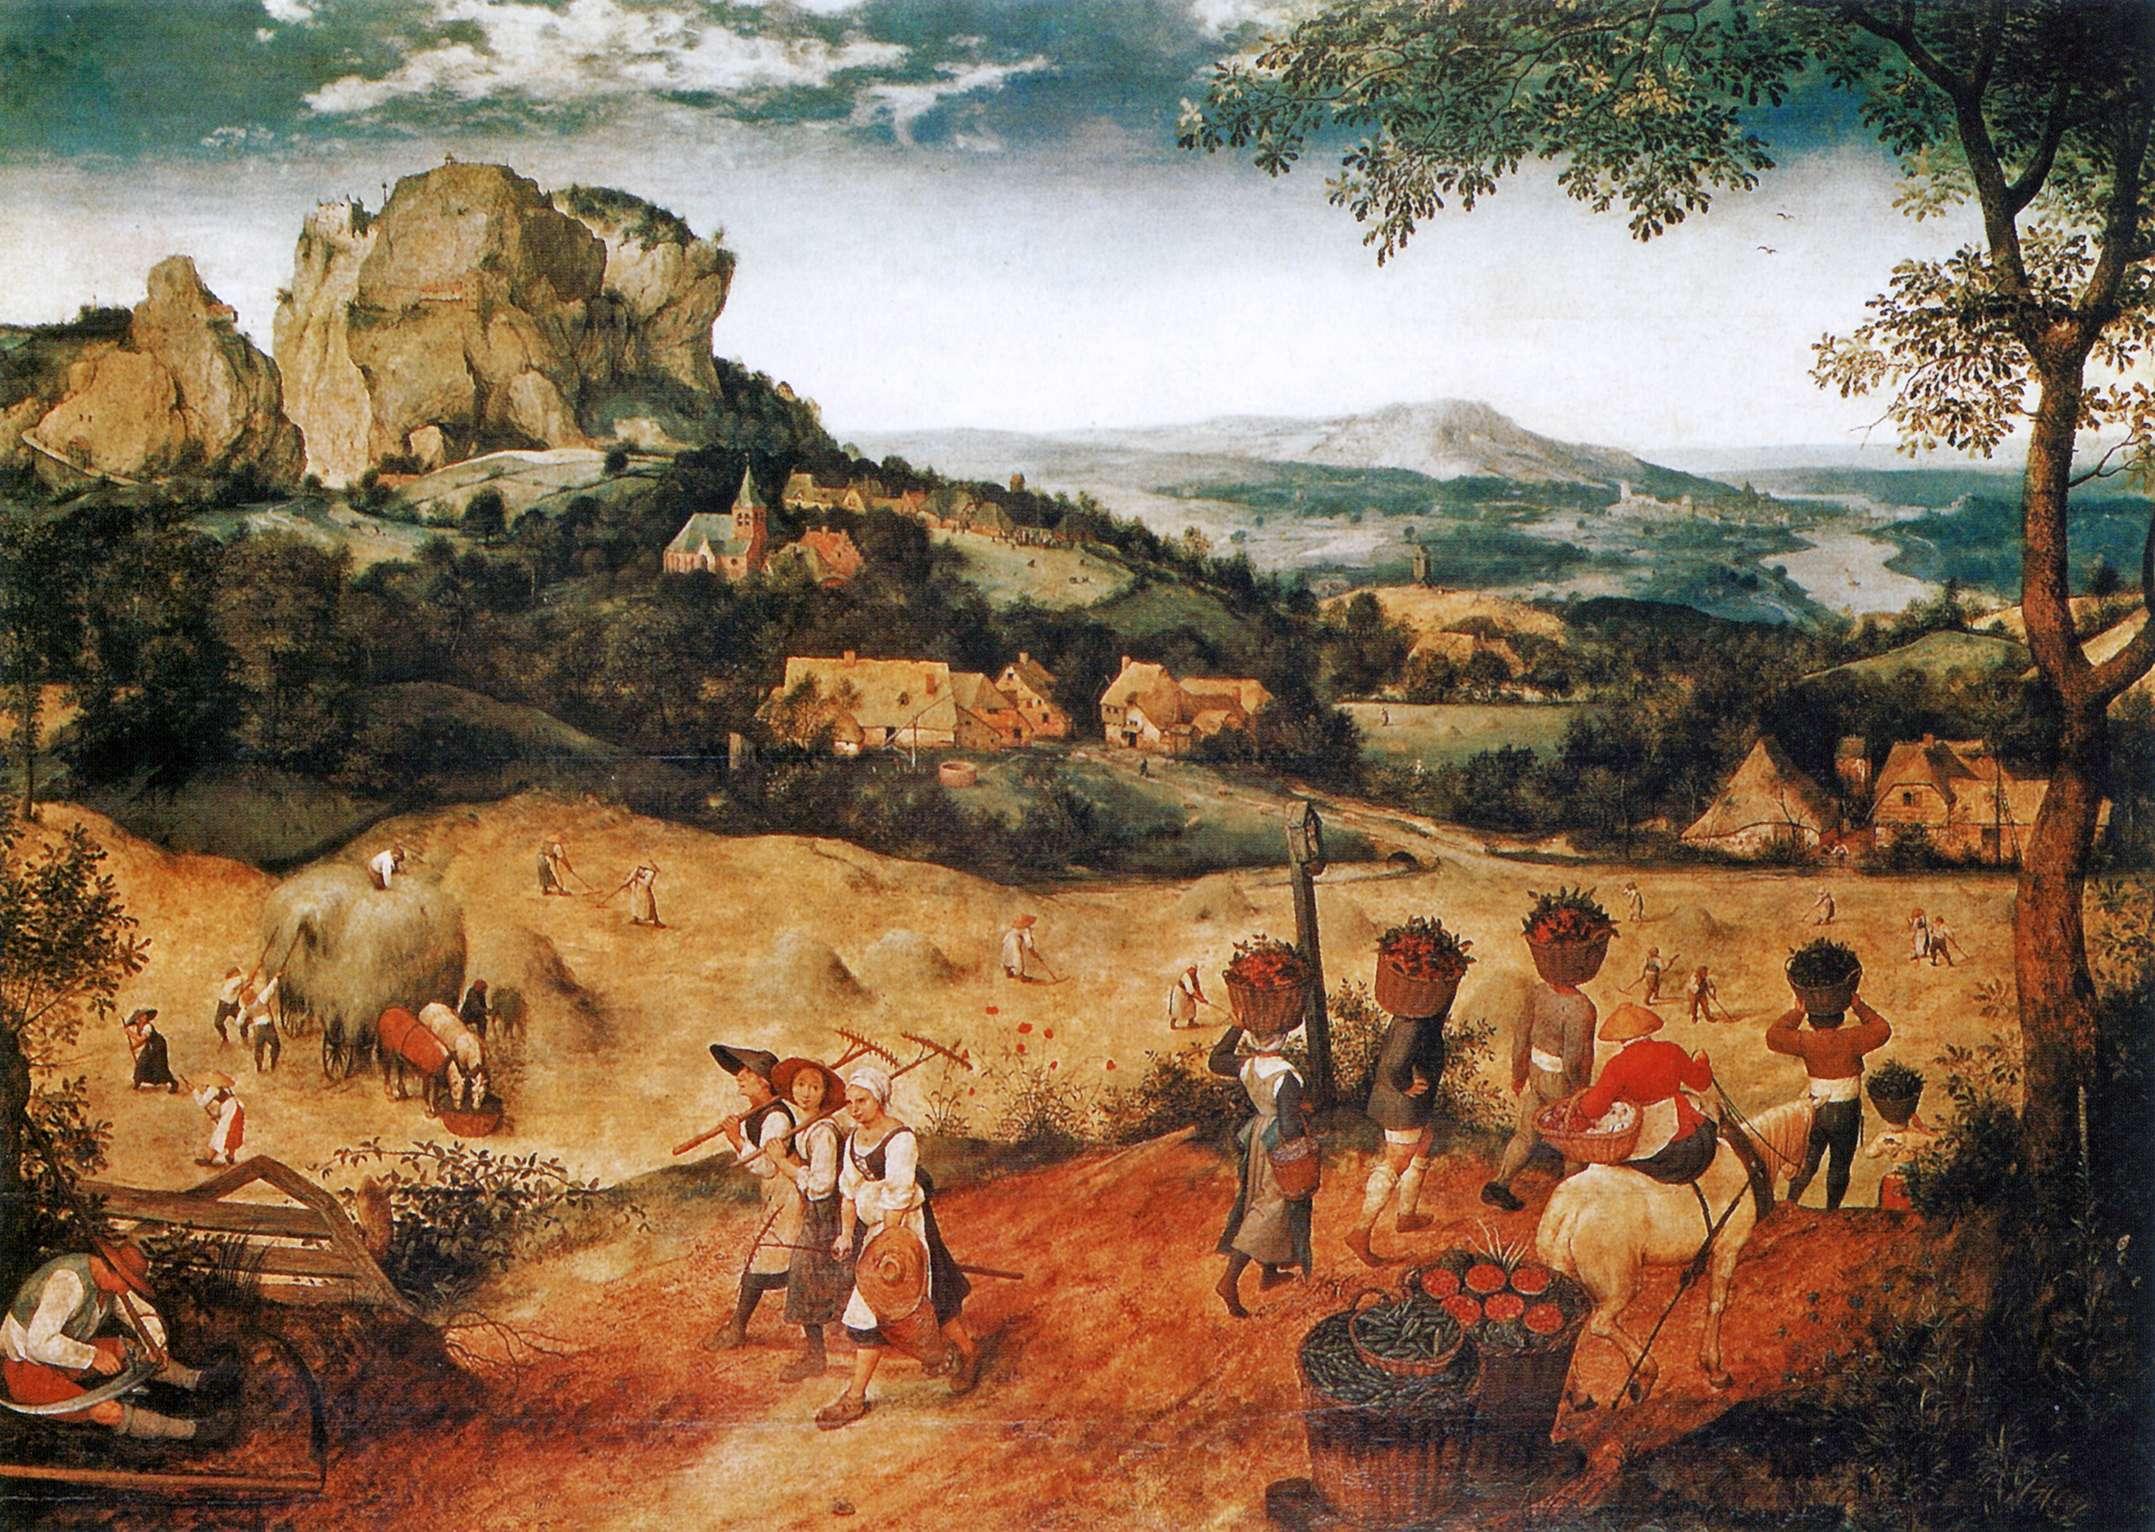 «Οι θεριστές» («Ιούλιος») Ο Πίτερ Μπρίγκελ ή Μπρέγκελ ο πρεσβύτερος (περ. 1525-1530 - Βρυξέλλες, 1569) ήταν Φλαμανδός ζωγράφος, σχεδιαστής και χαράκτης γνωστός για τα τοπία του και τις αγροτικές σκηνές.